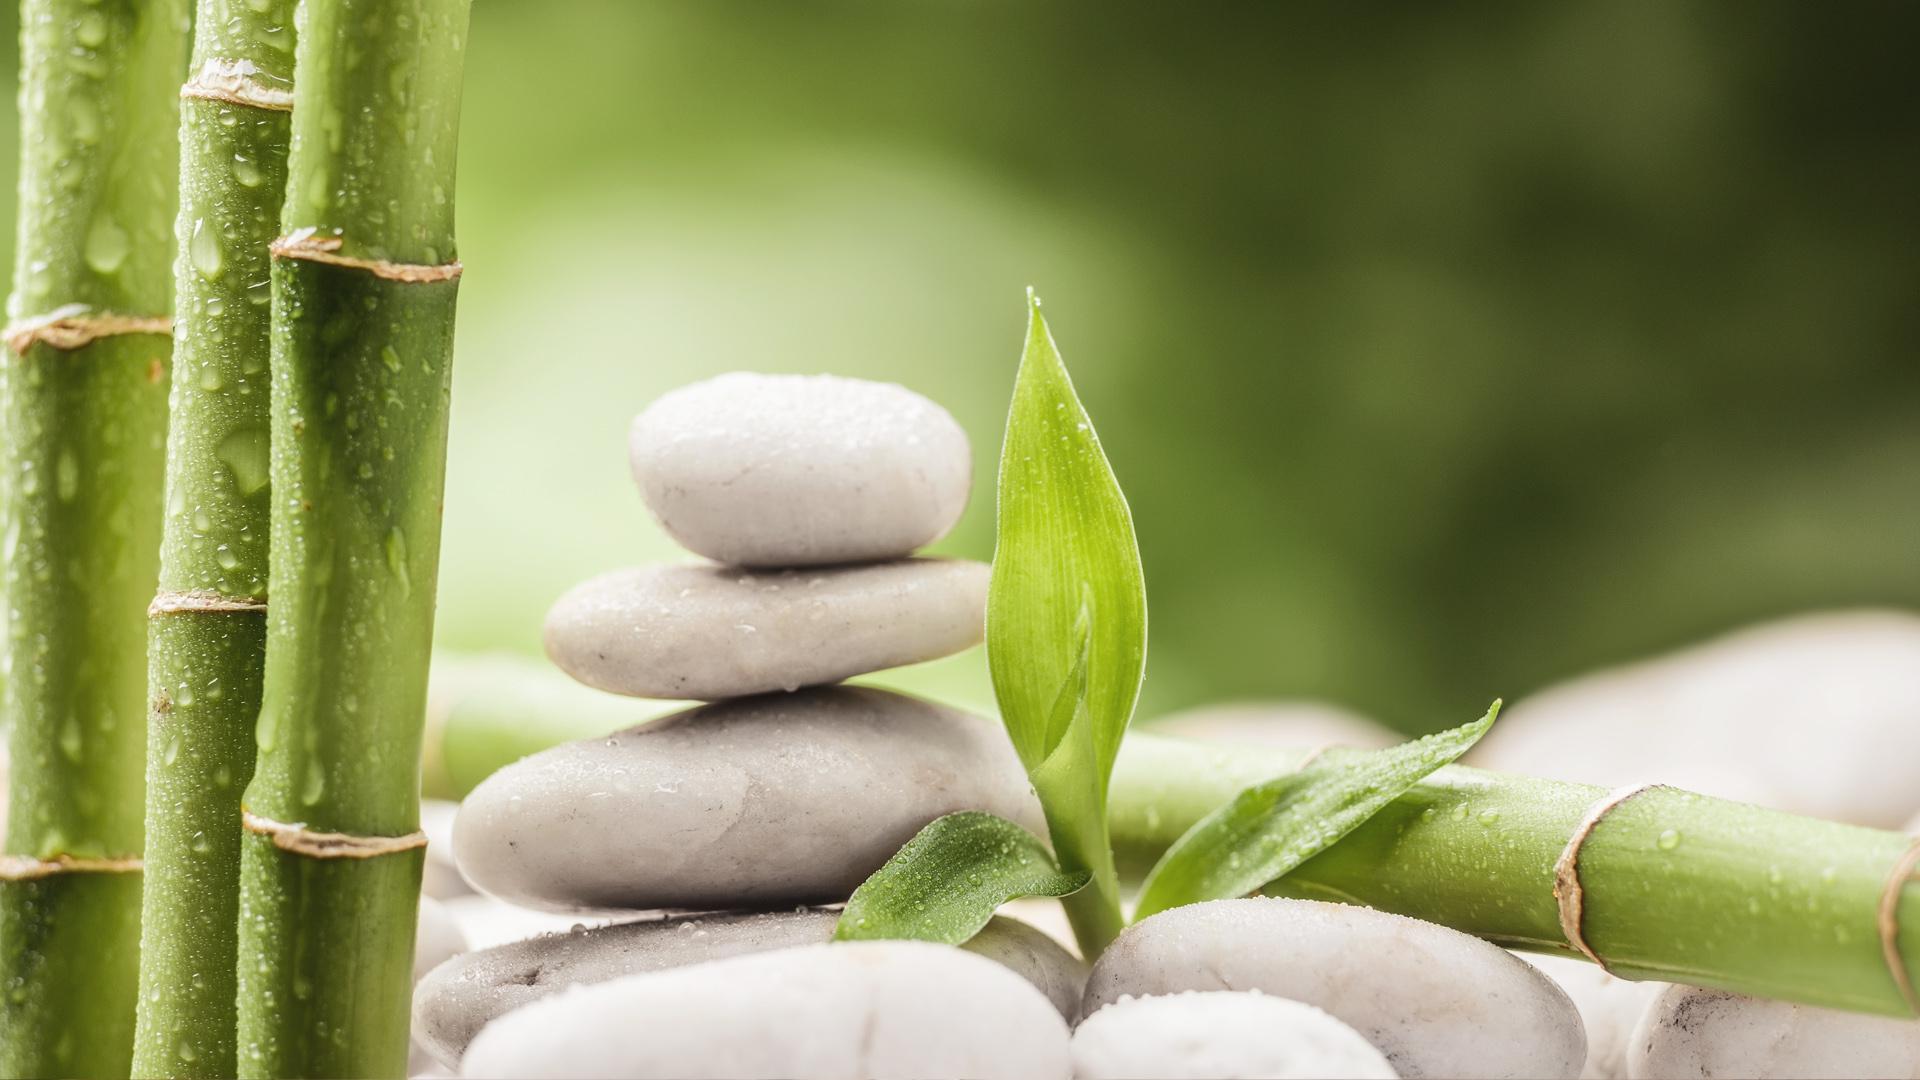 Resiliência: aprendendo a ser mais resistente que o bambu